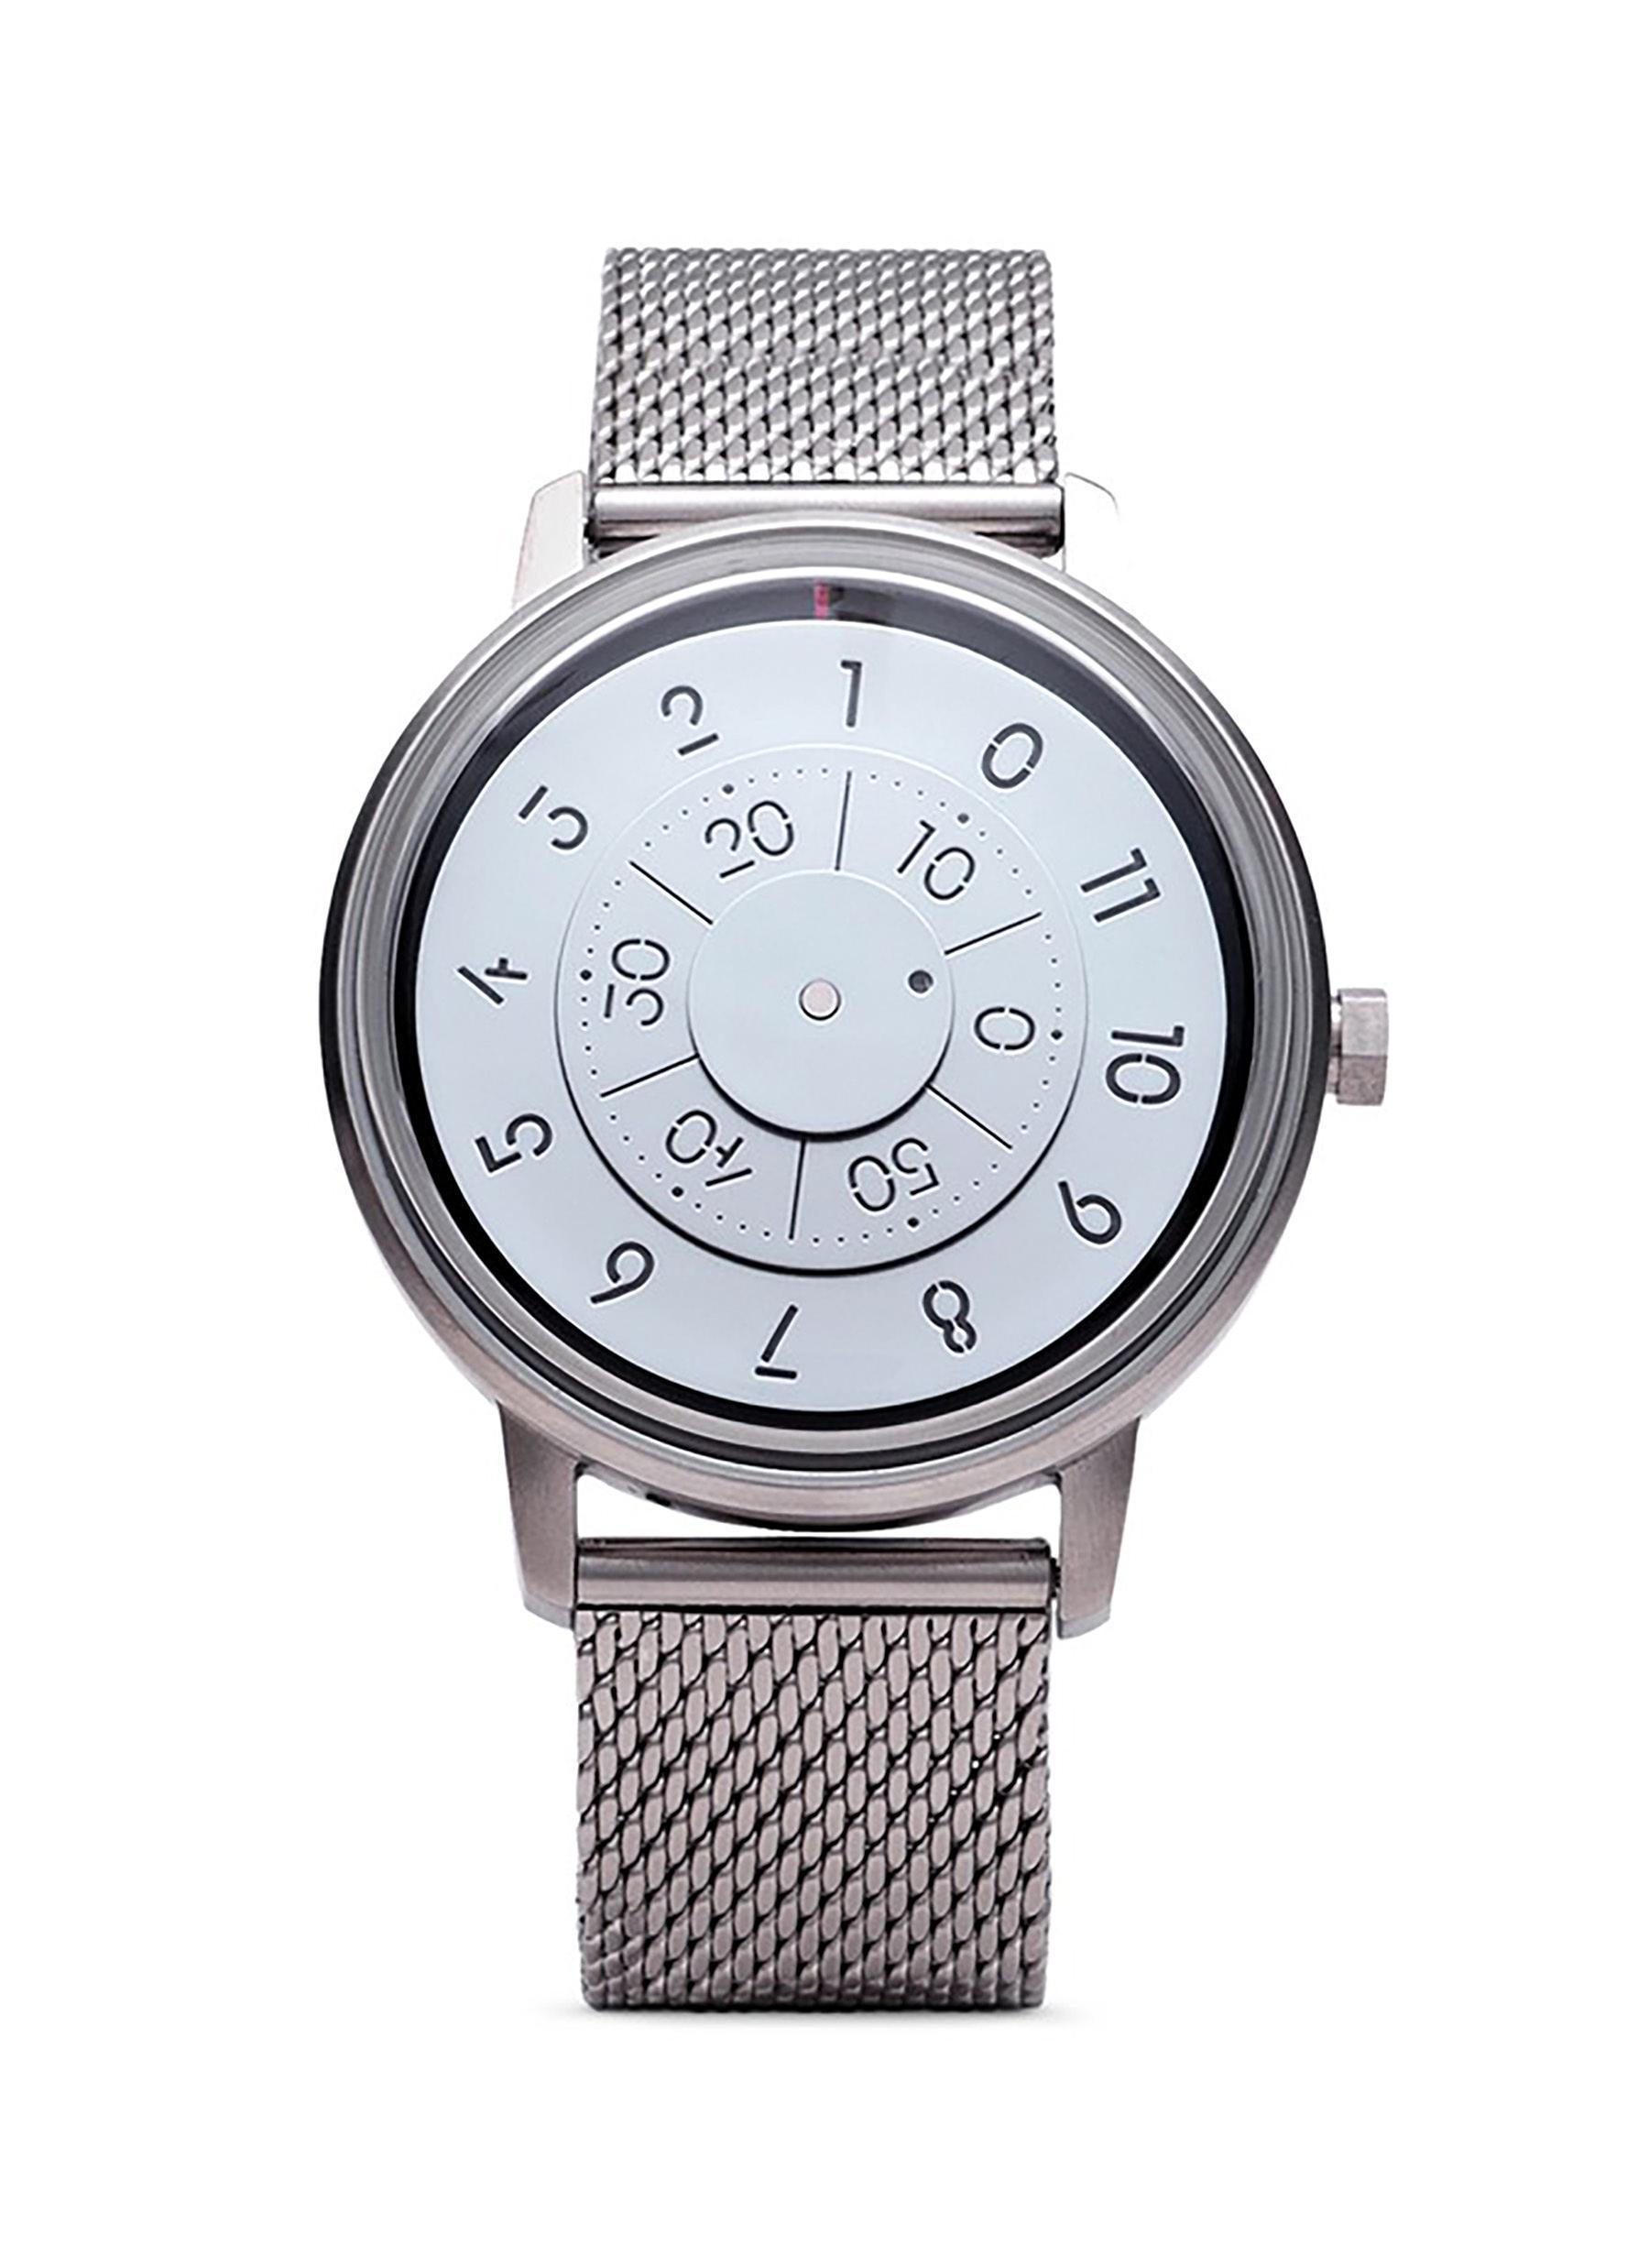 K452 Luna automatic watch by Anicorn